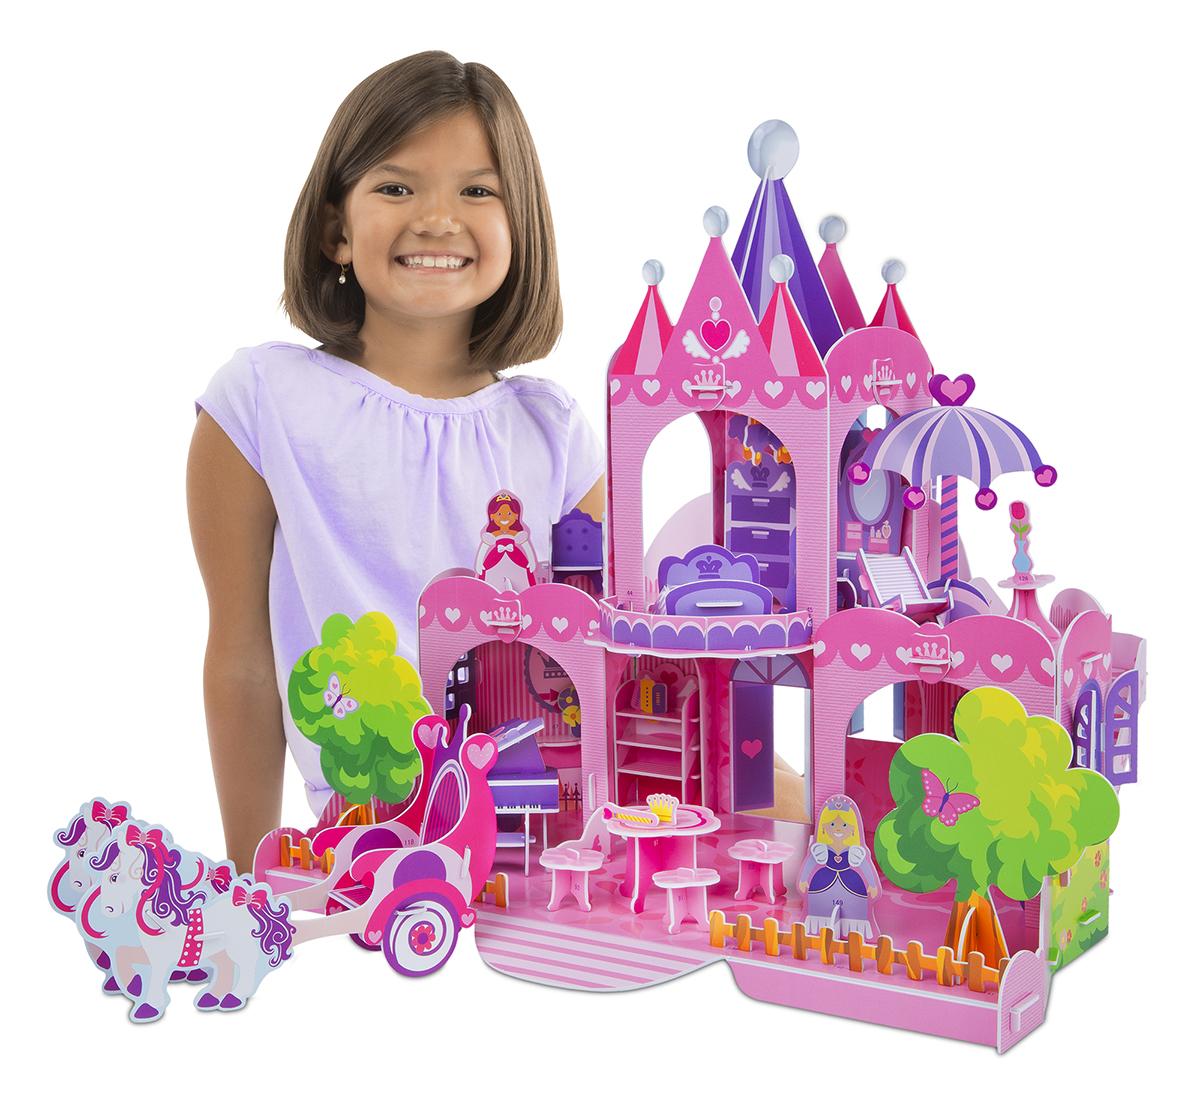 Кукольный домик MelissaКукольные домики<br>Кукольный домик Melissa<br>